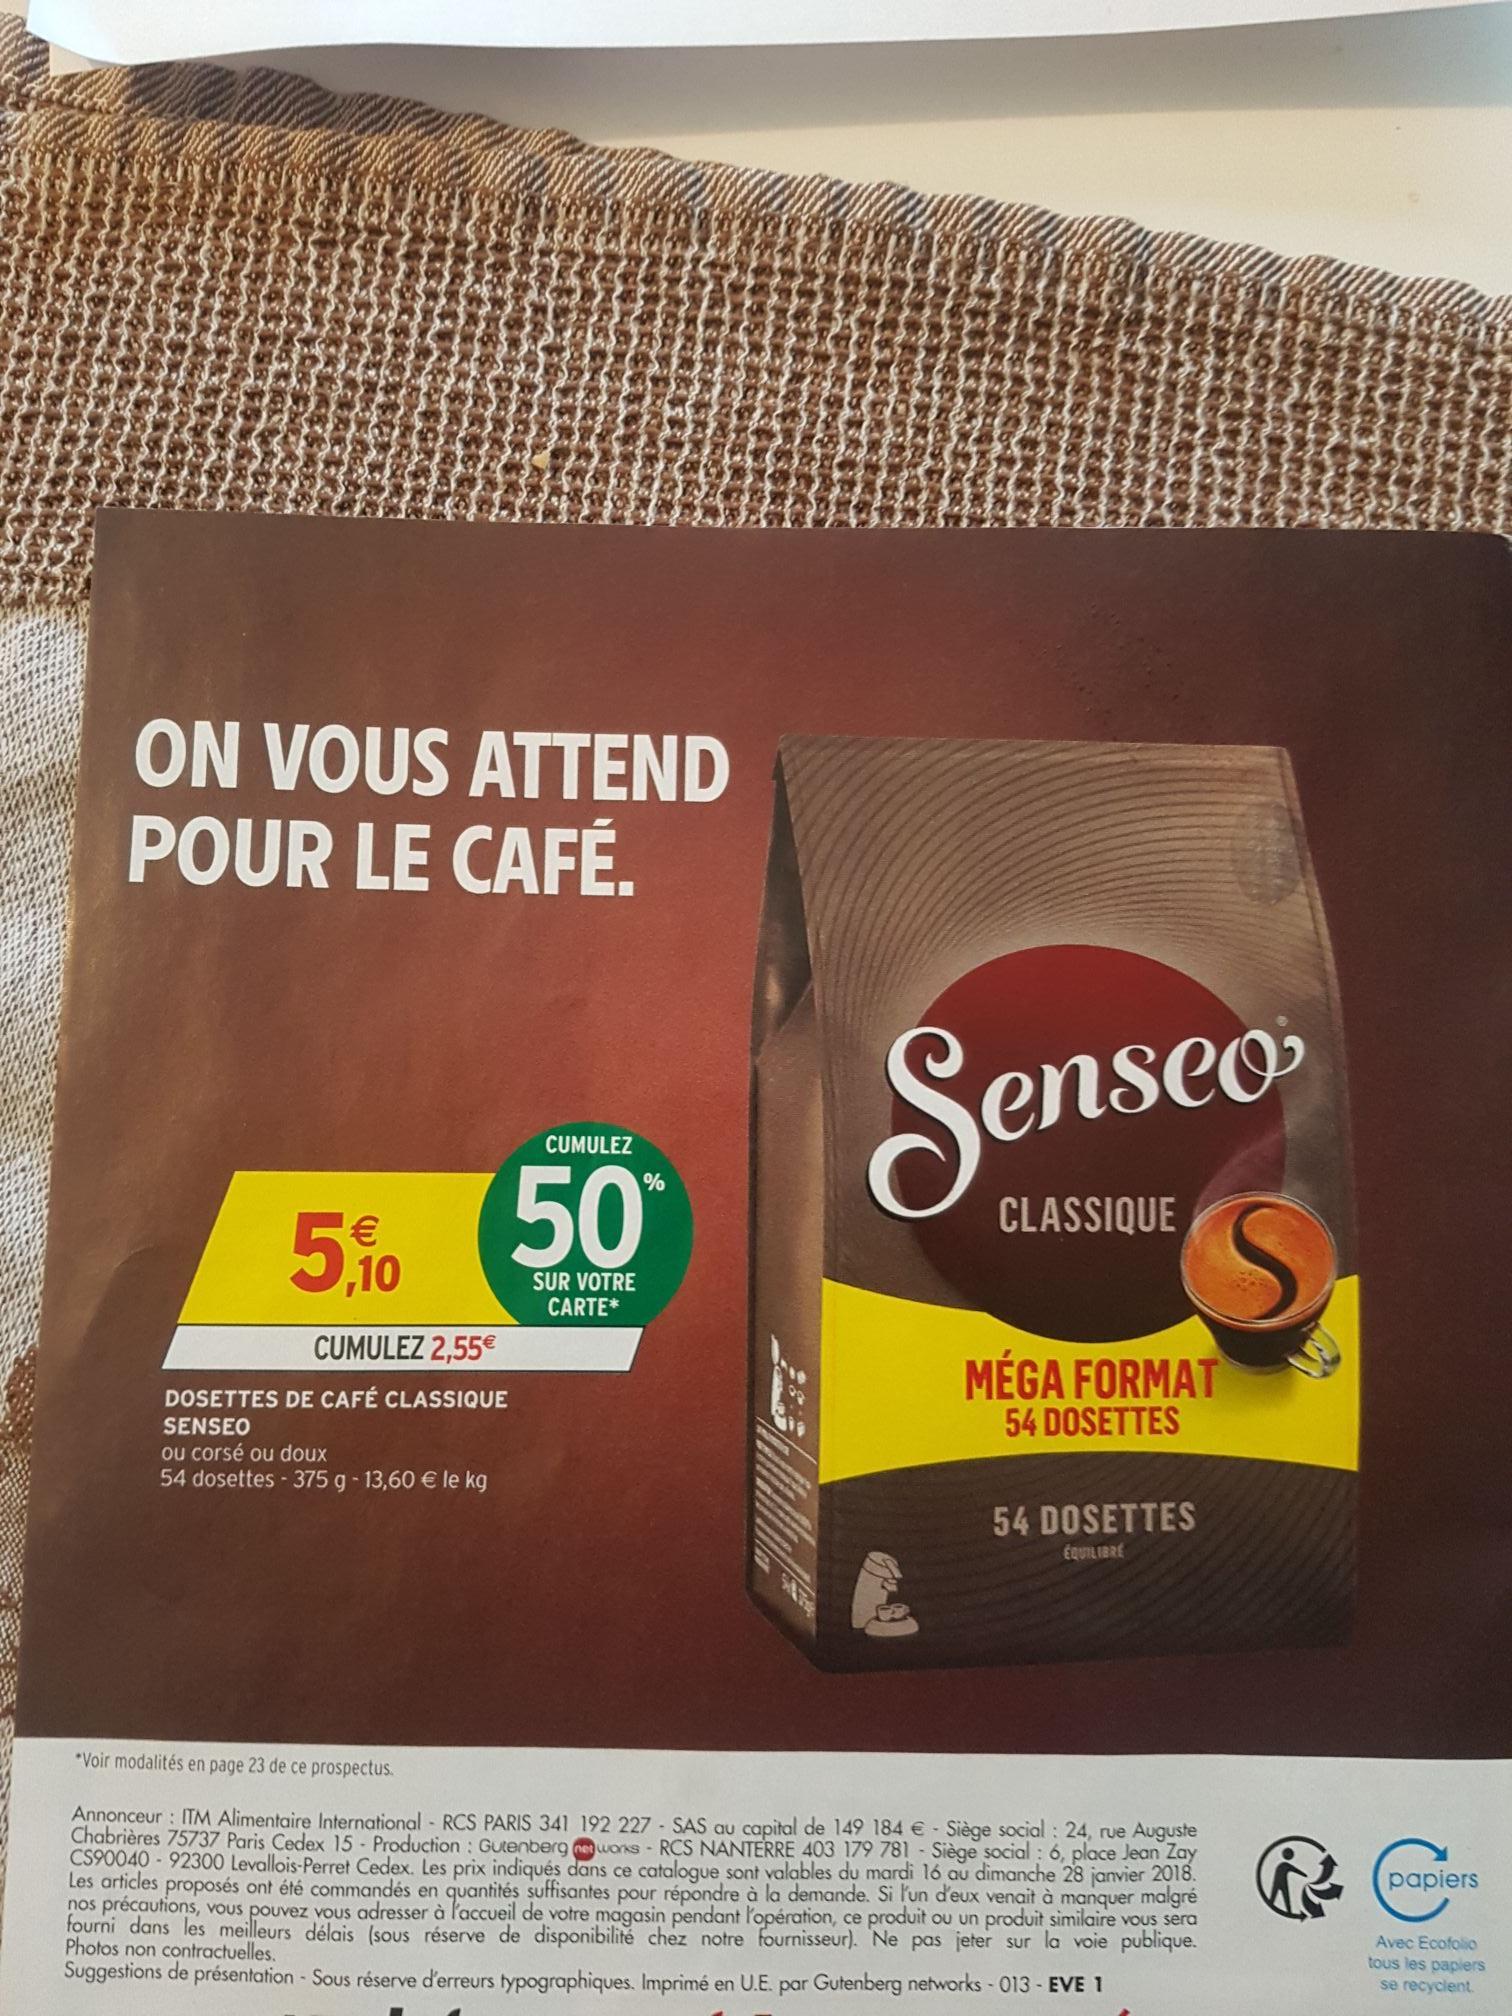 Paquet de 55 dosettes Senseo Classique (via 2.55€ la carte fidélité)